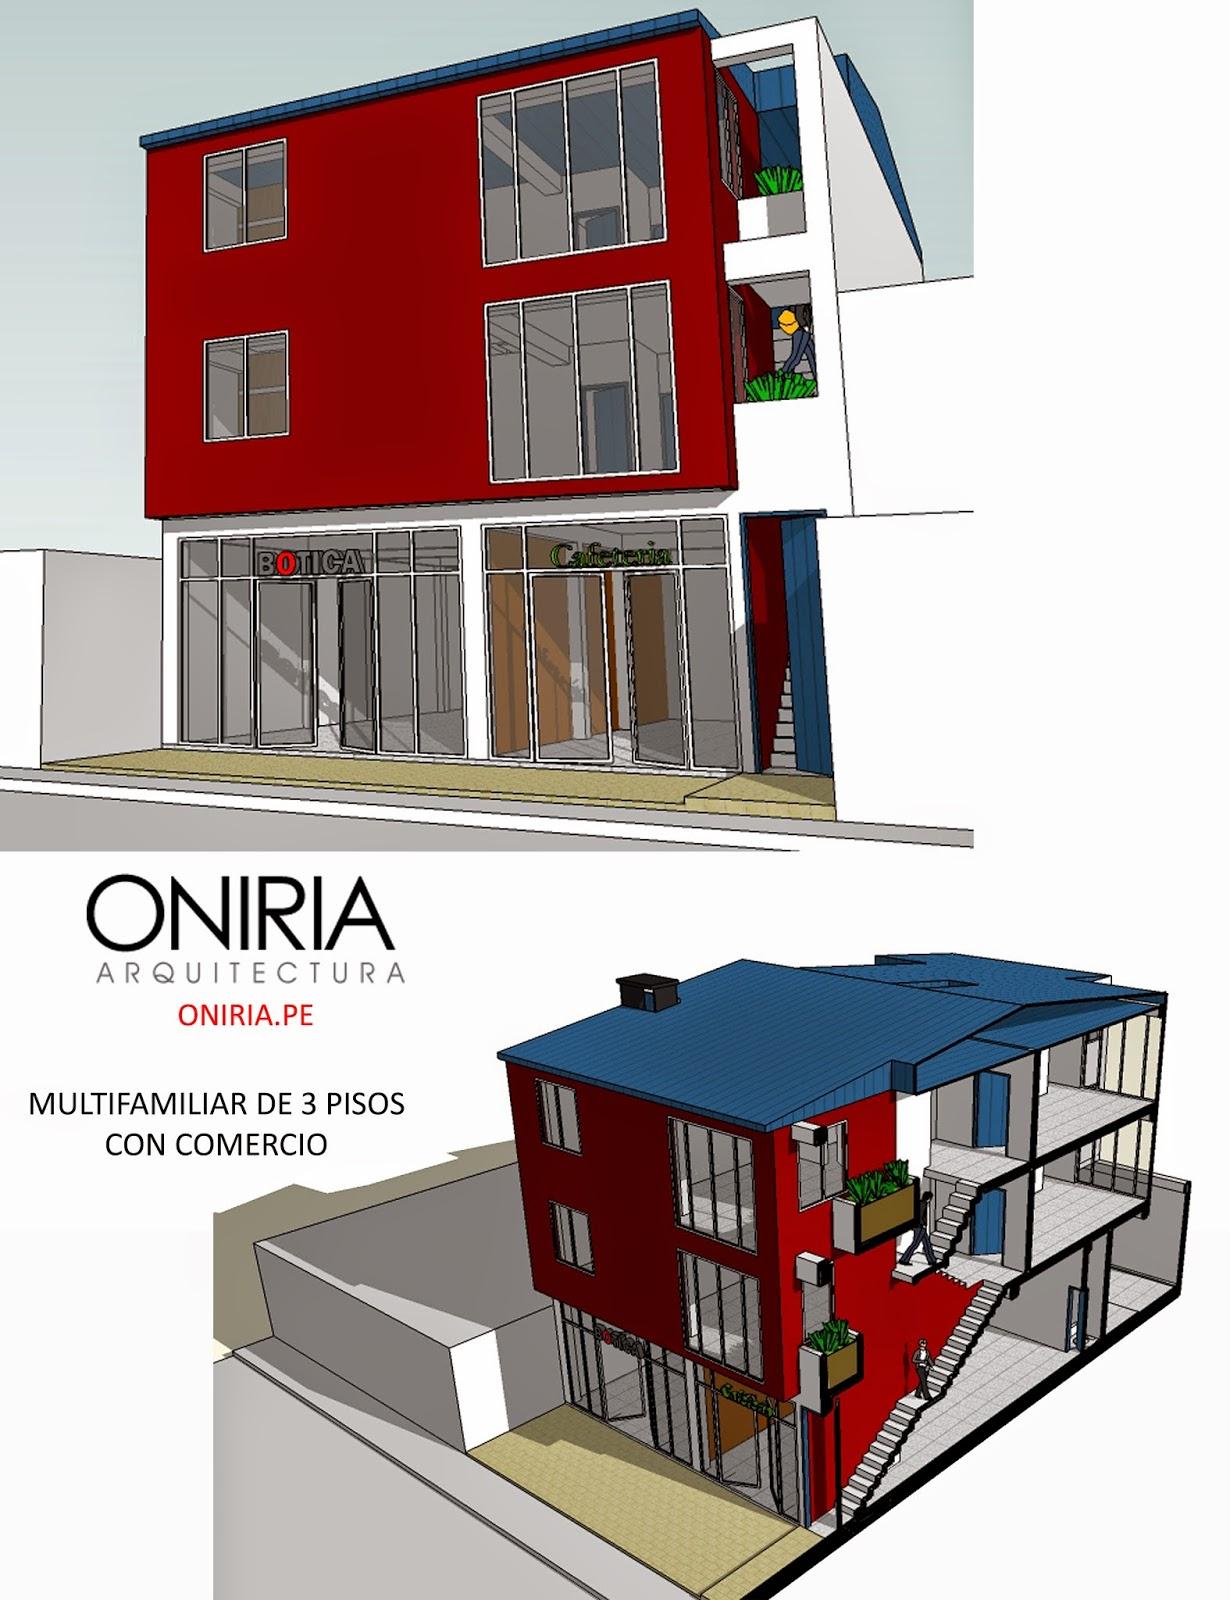 Oniria dise o de viviendas multifamiliares for Diseno de viviendas